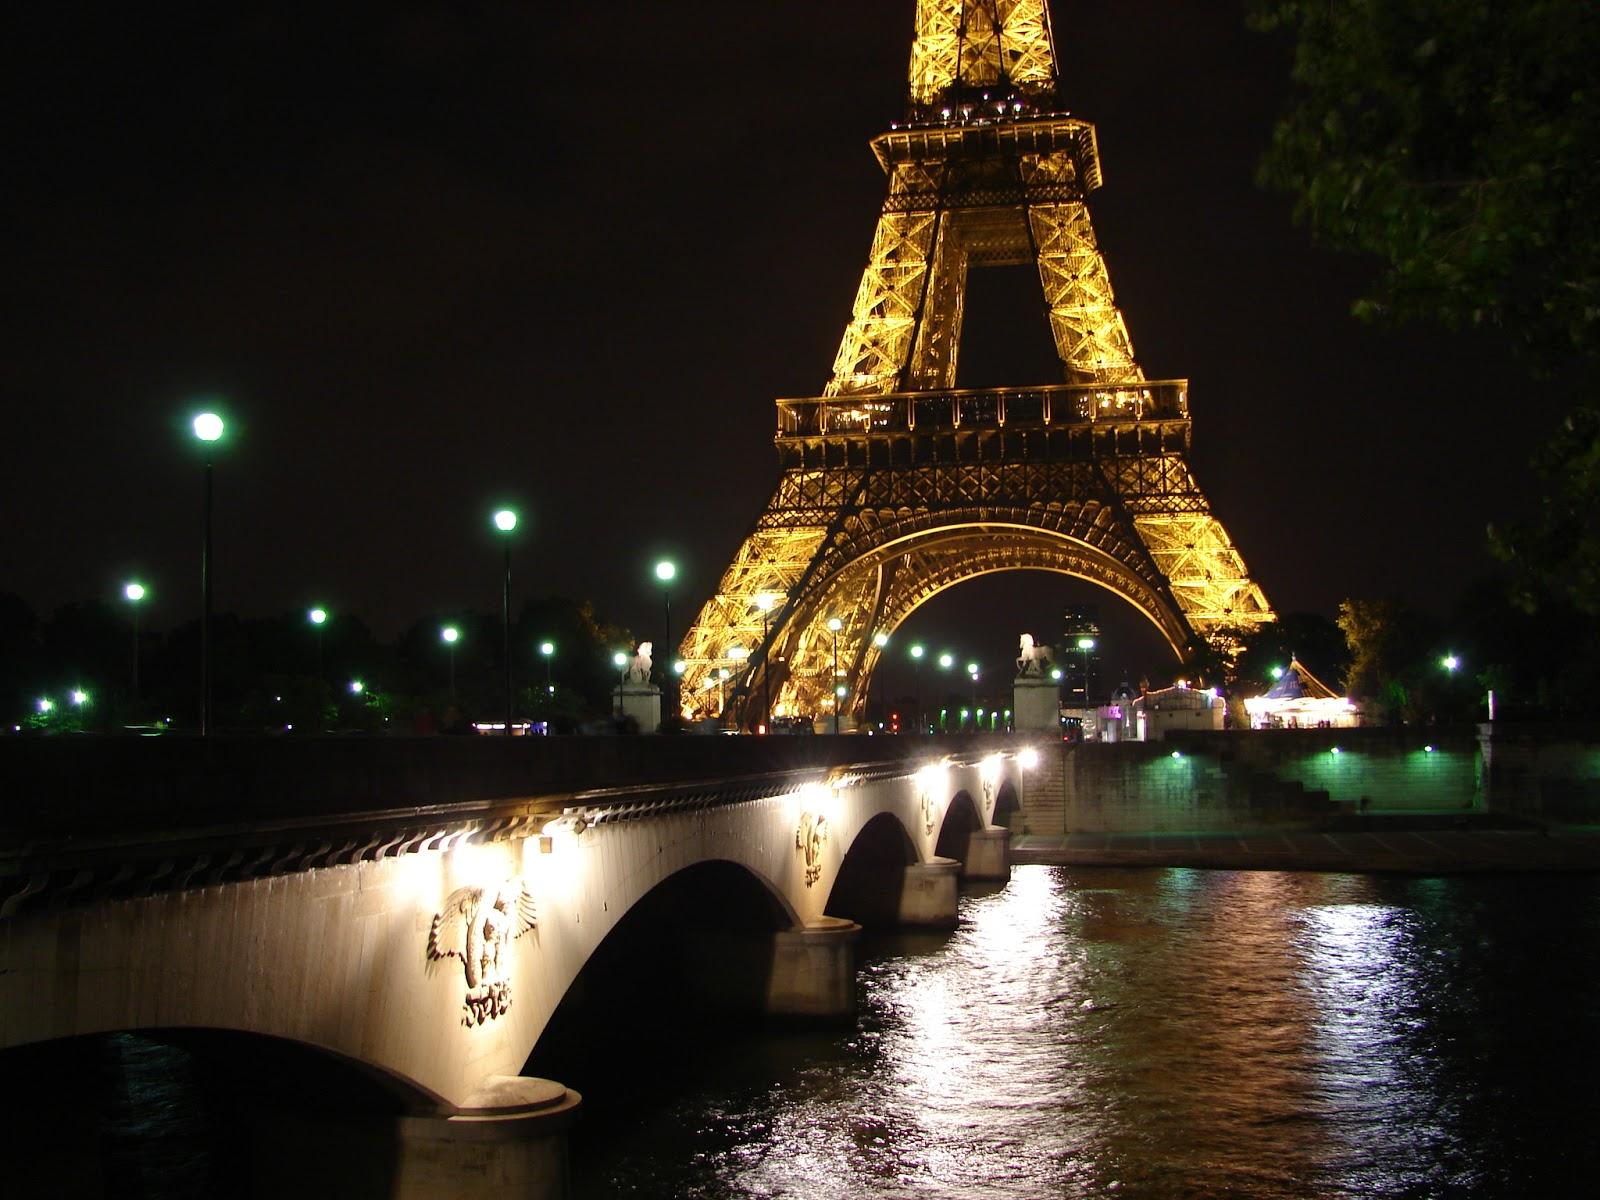 Samsung Galaxy A Hd Wallpaper Fond Ecran Tour Eiffel Scintillante Fonds D 233 Cran Hd